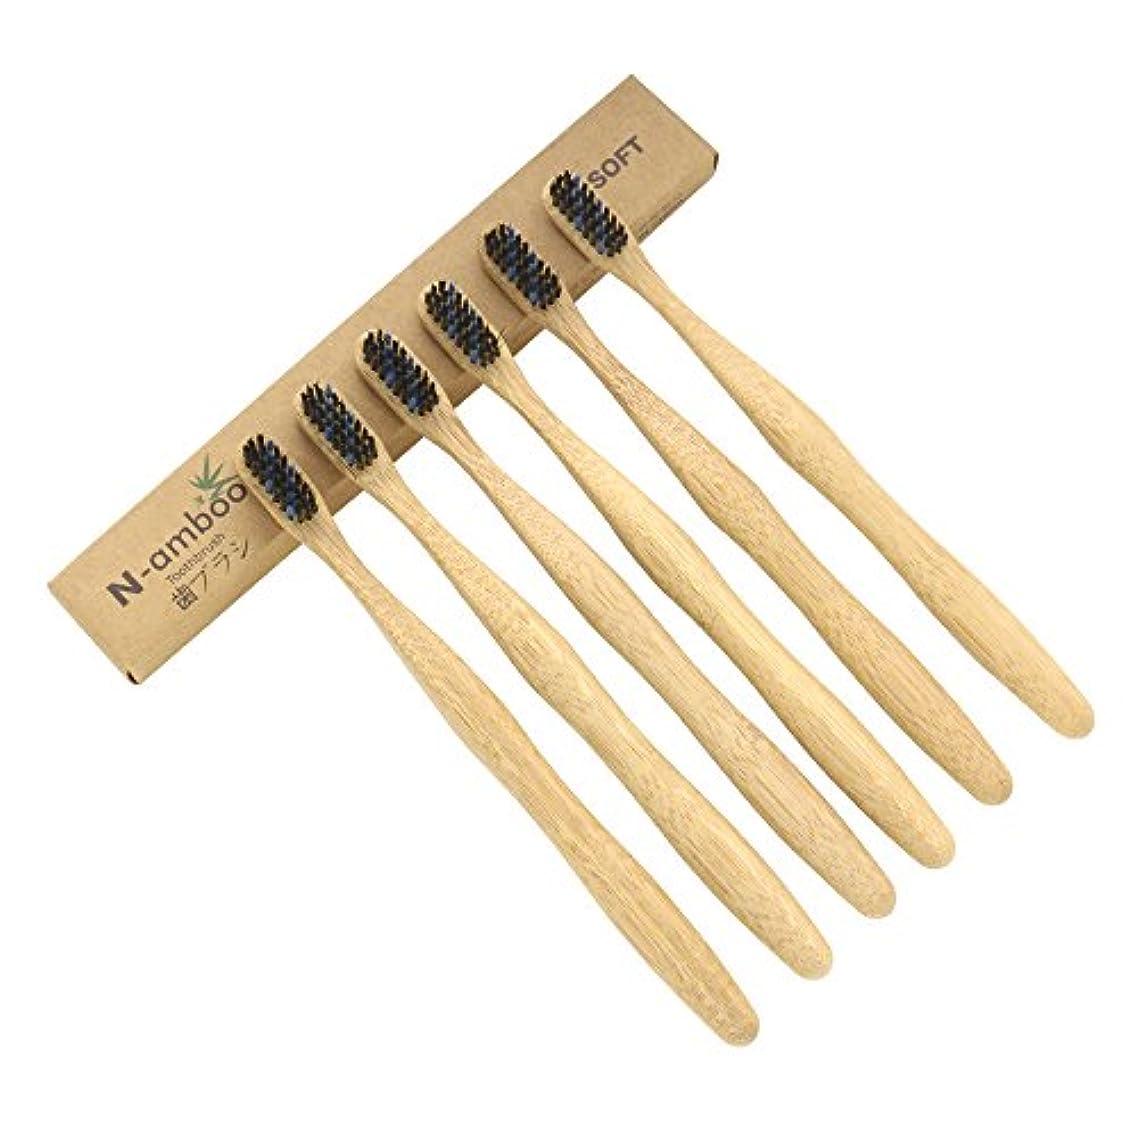 素晴らしさプレートモンクN-amboo 竹製耐久度高い 歯ブラシ 黒と青 6本入り セット